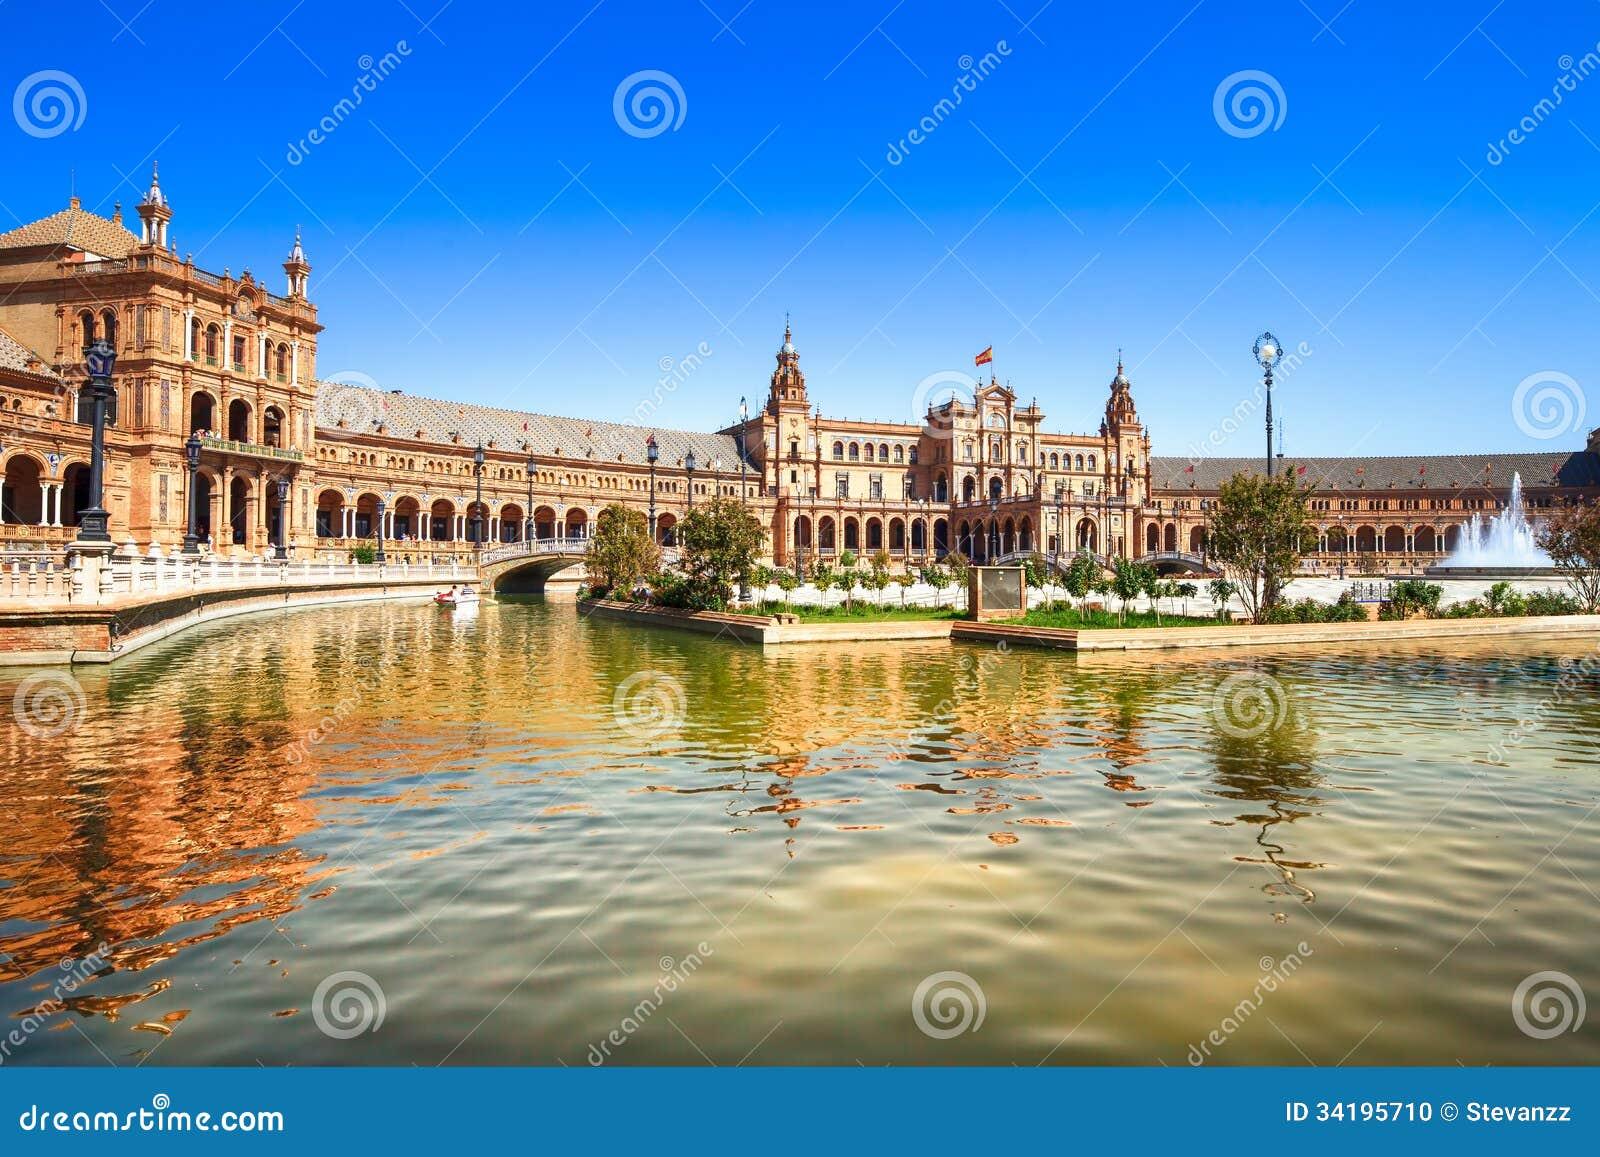 Plein DE espana Sevilla, Andalusia, Spanje, Europa